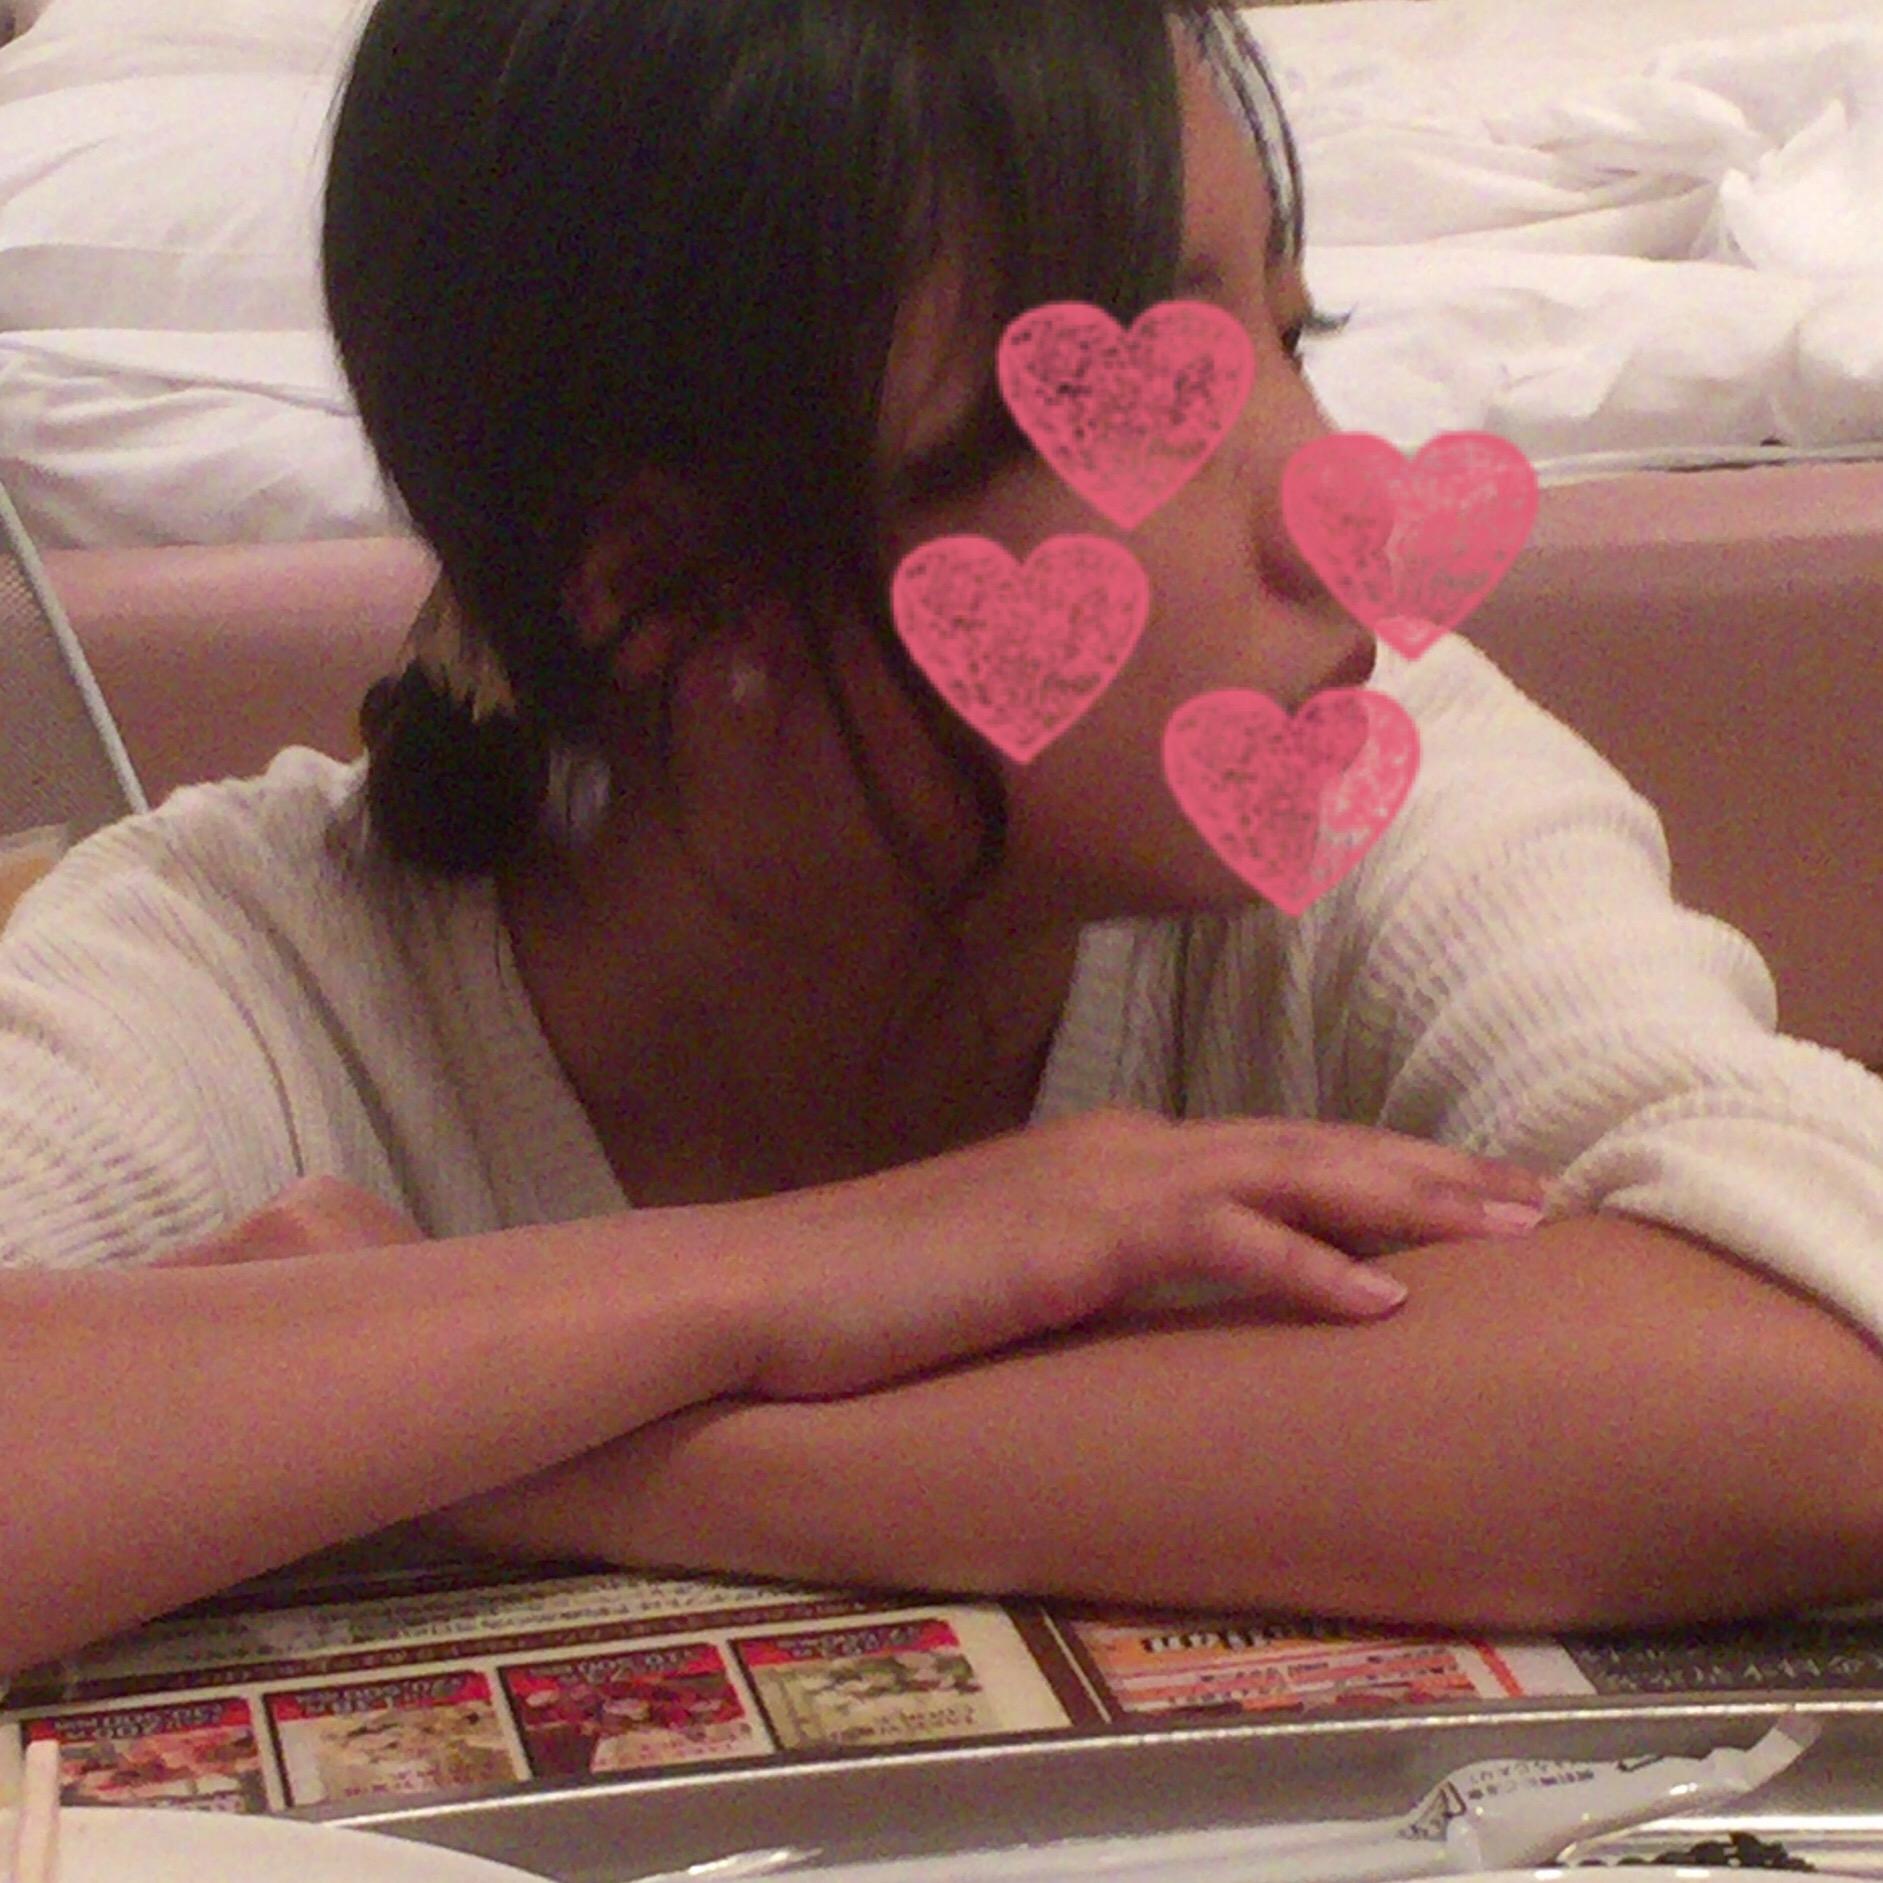 【個人撮影】コスプレメイド  2人のセット動画 顔出し 生ハメ フェラ